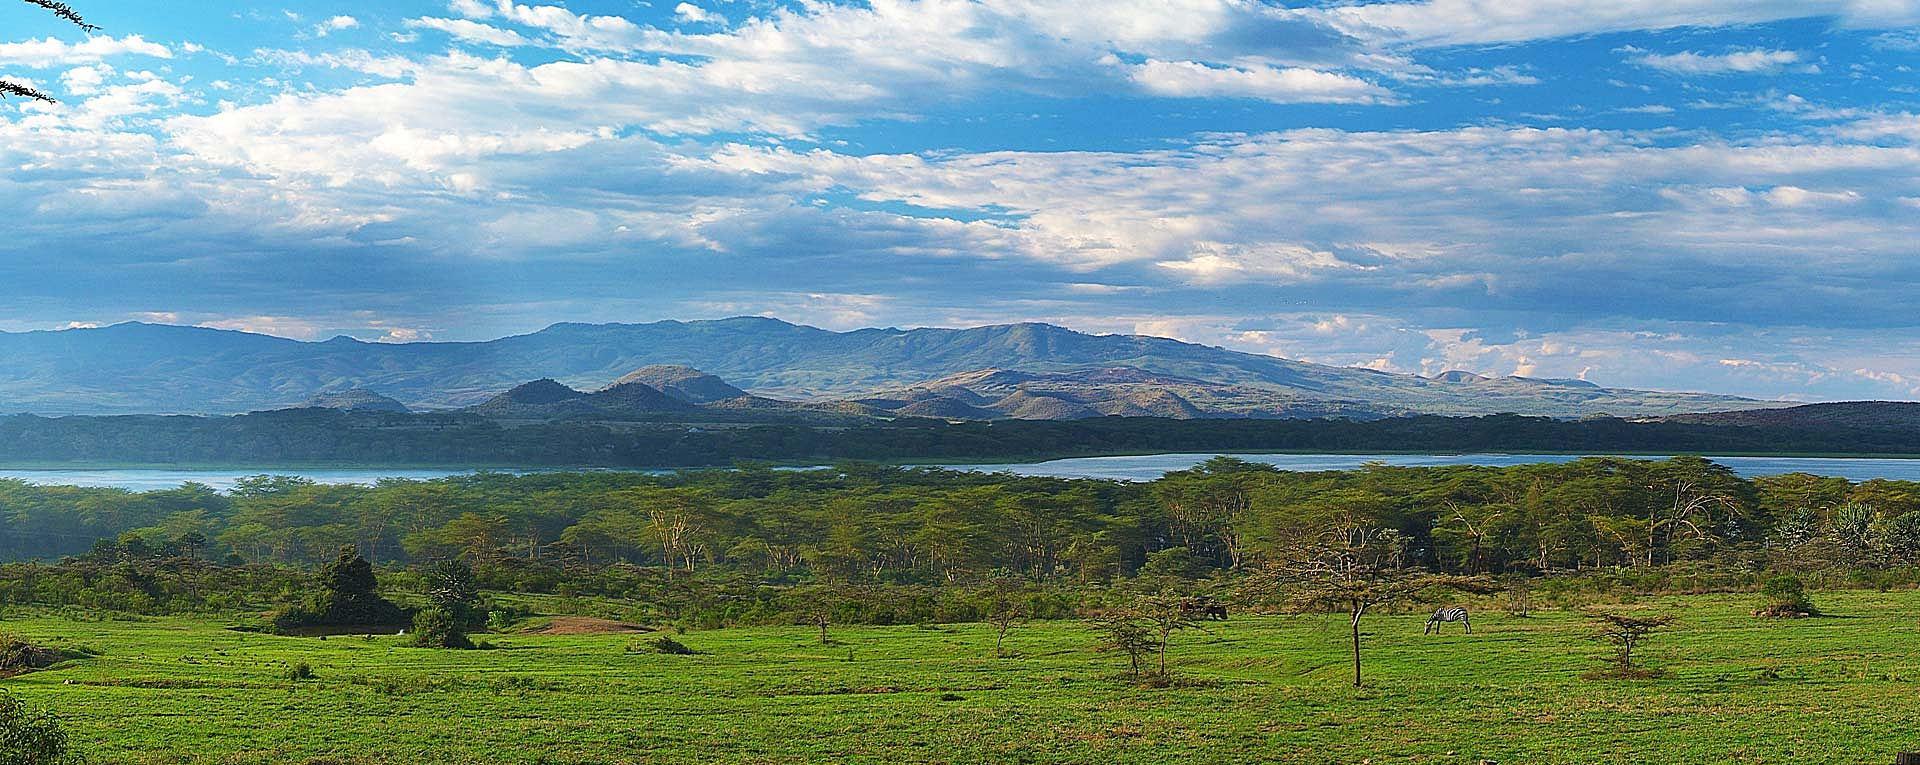 Озеро Найваша. Панорама